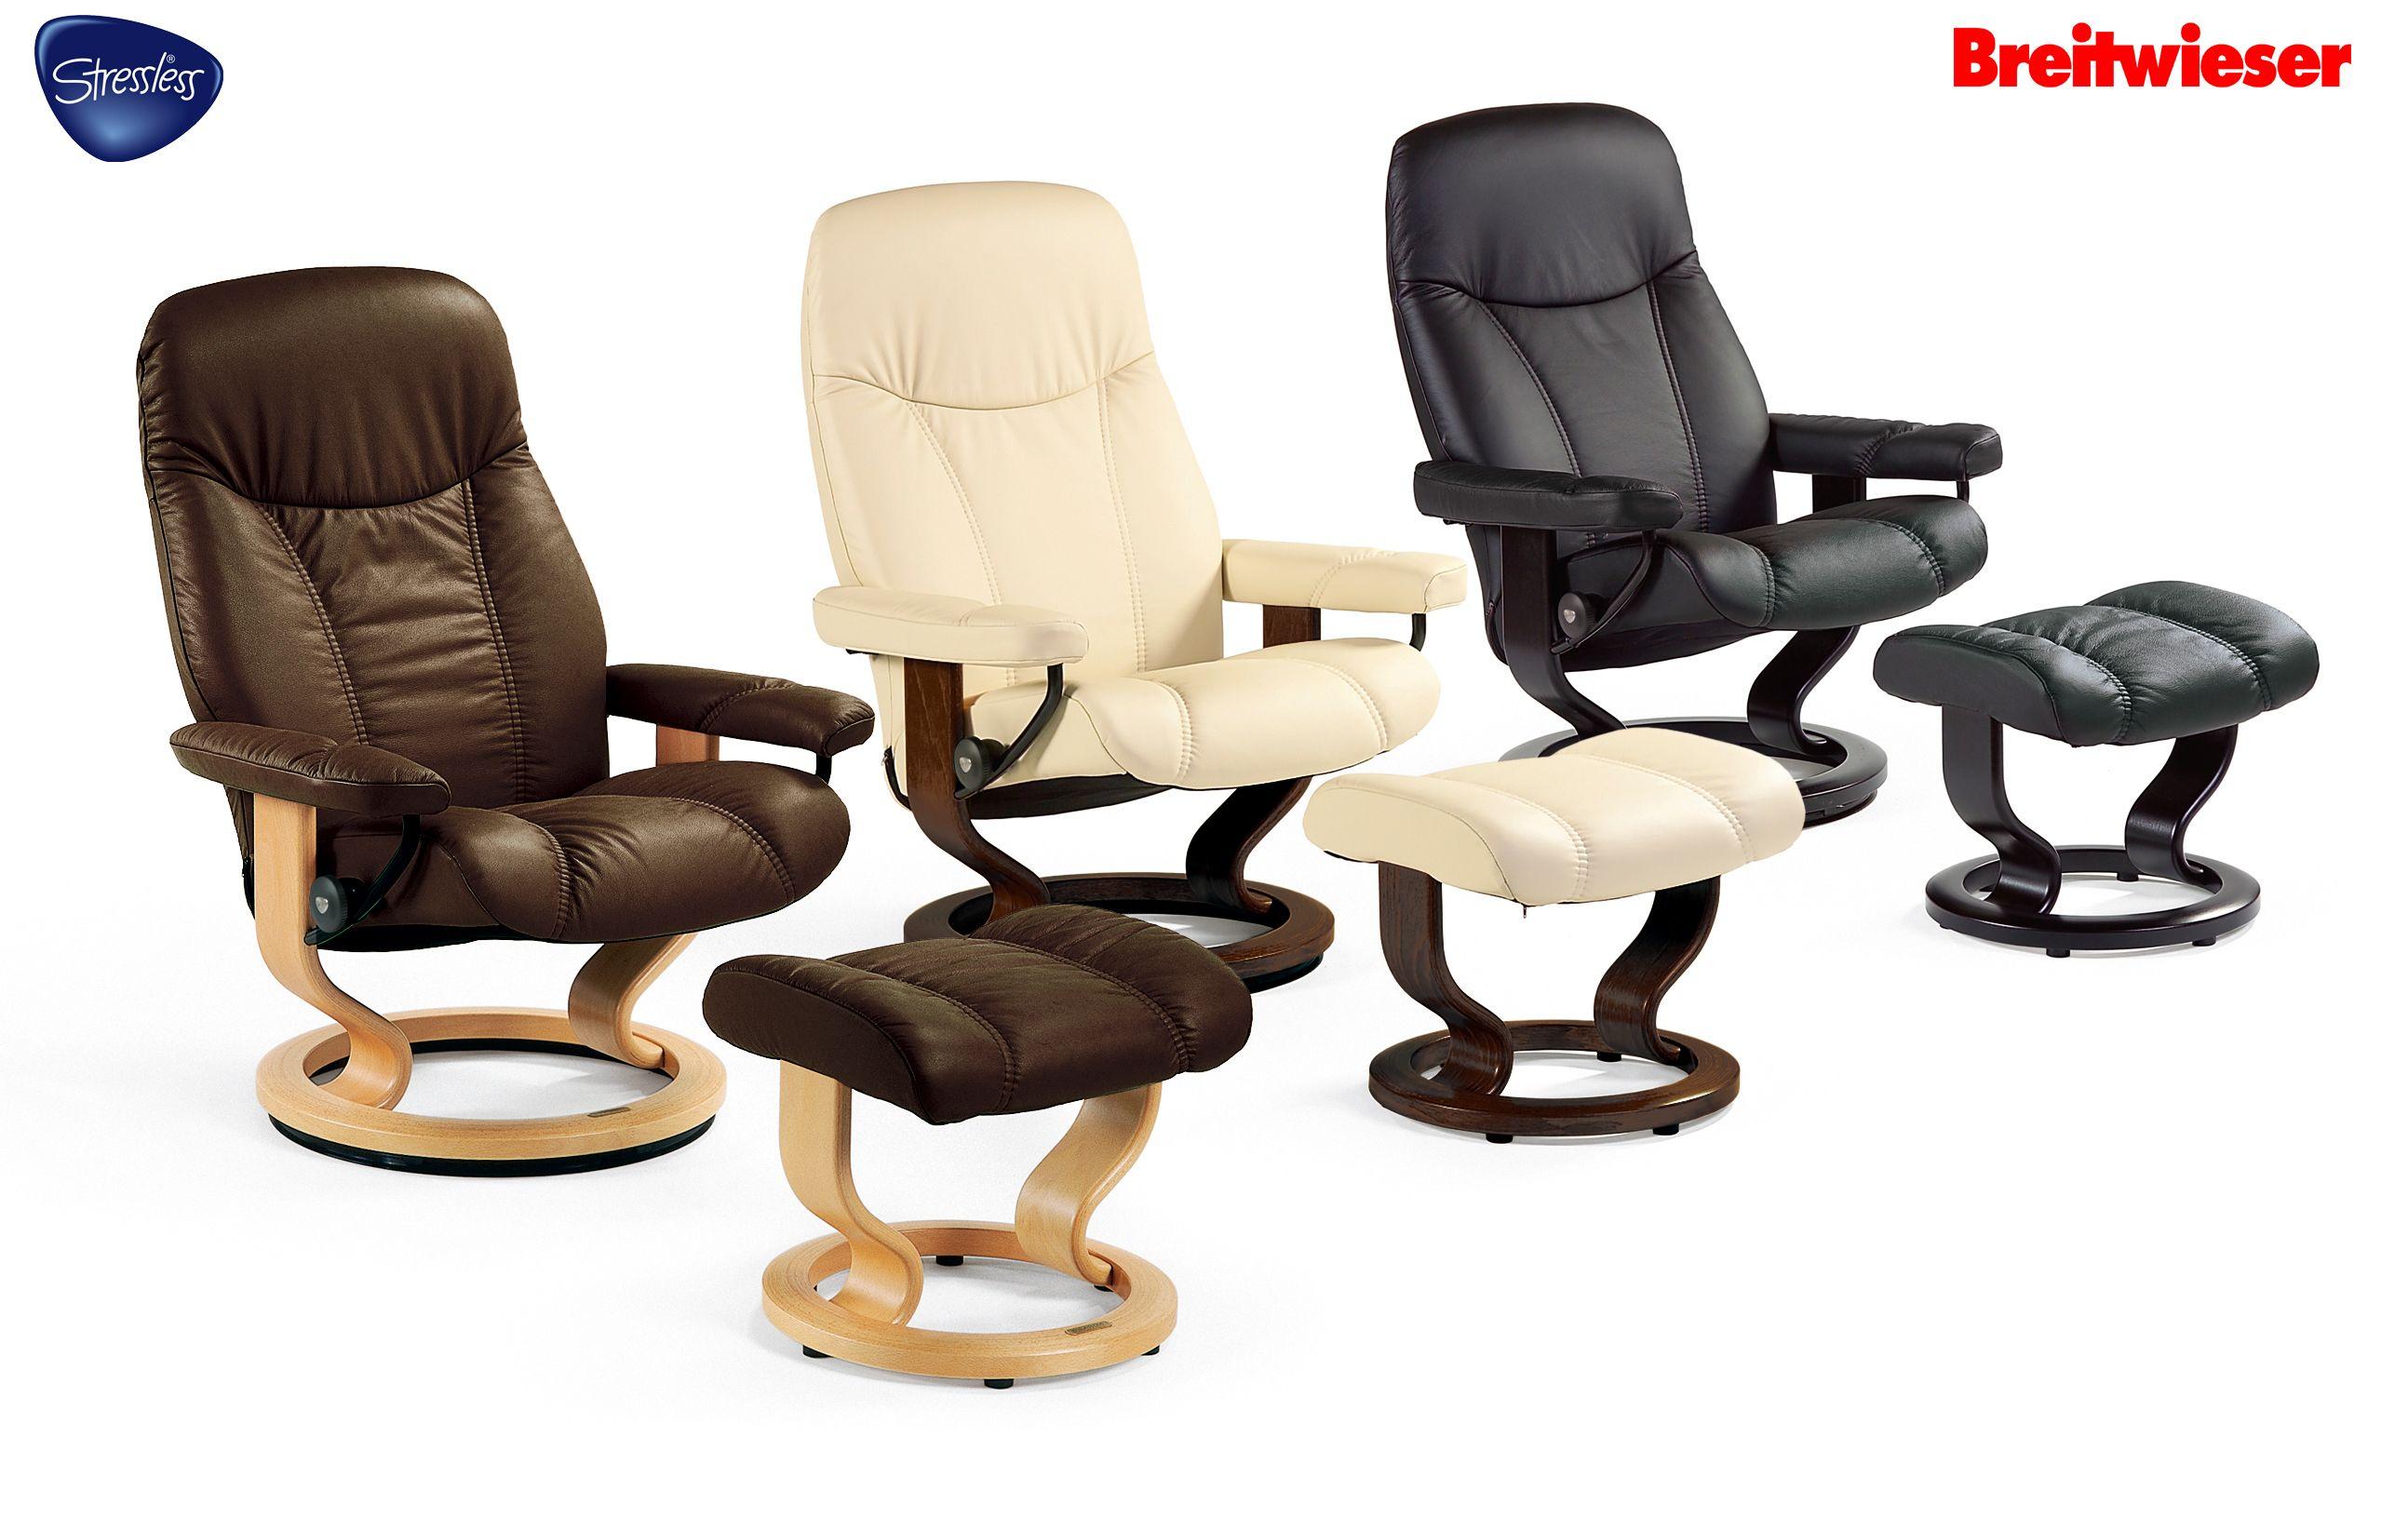 Popular STRESSLESS bei Breitwieser Diese Stressless Sessel geben Ihnen ein gutes Gef hl am richtigen Platz zu